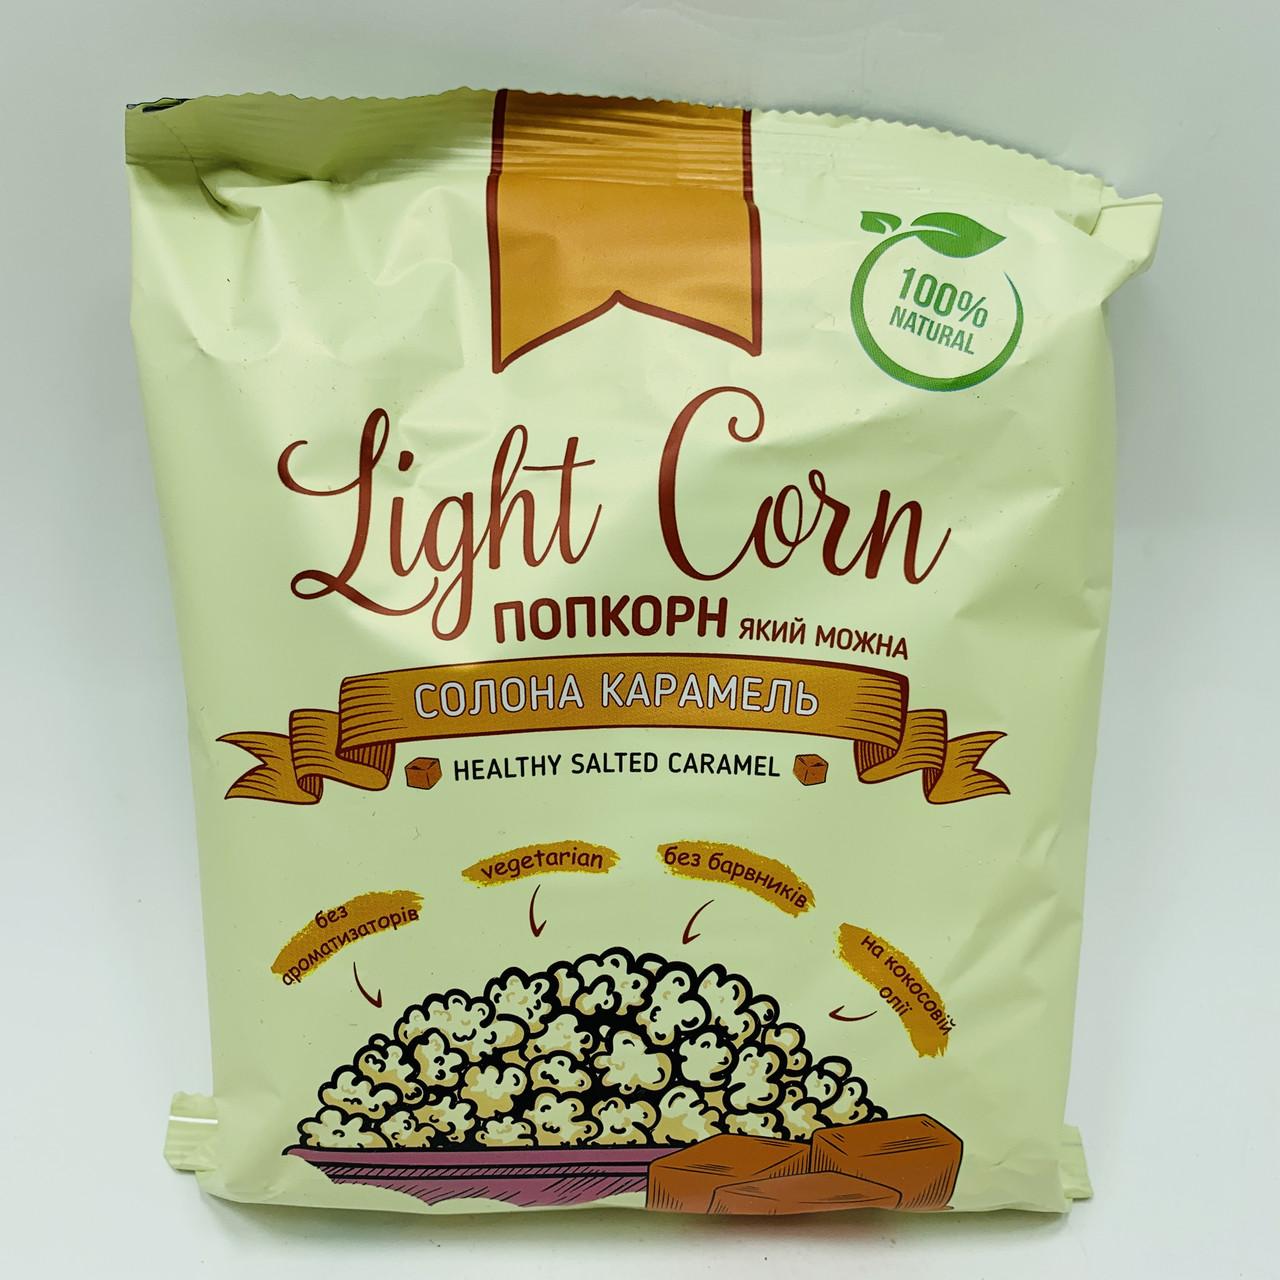 Натуральный попкорн «Light Corn» соленая карамель, 60 г